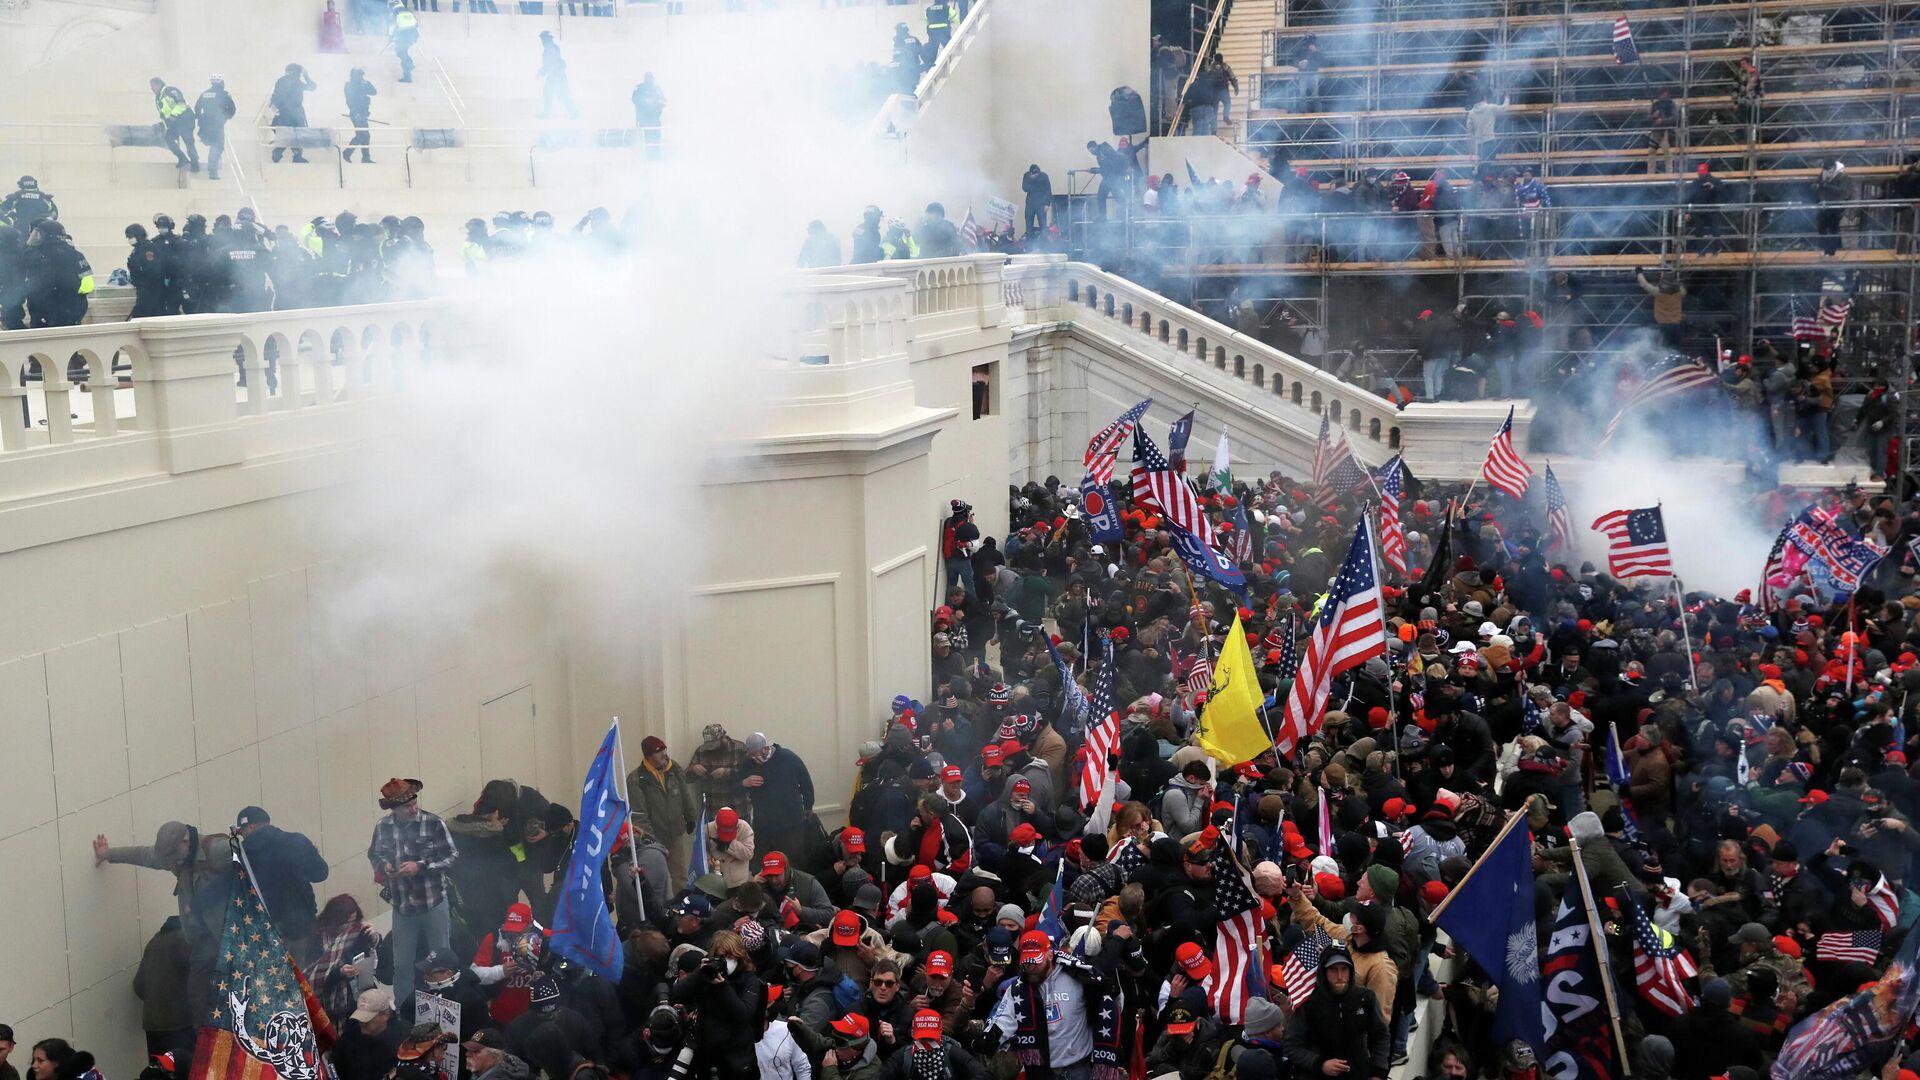 ФБР арестовало более сотни участников беспорядков в Вашингтоне